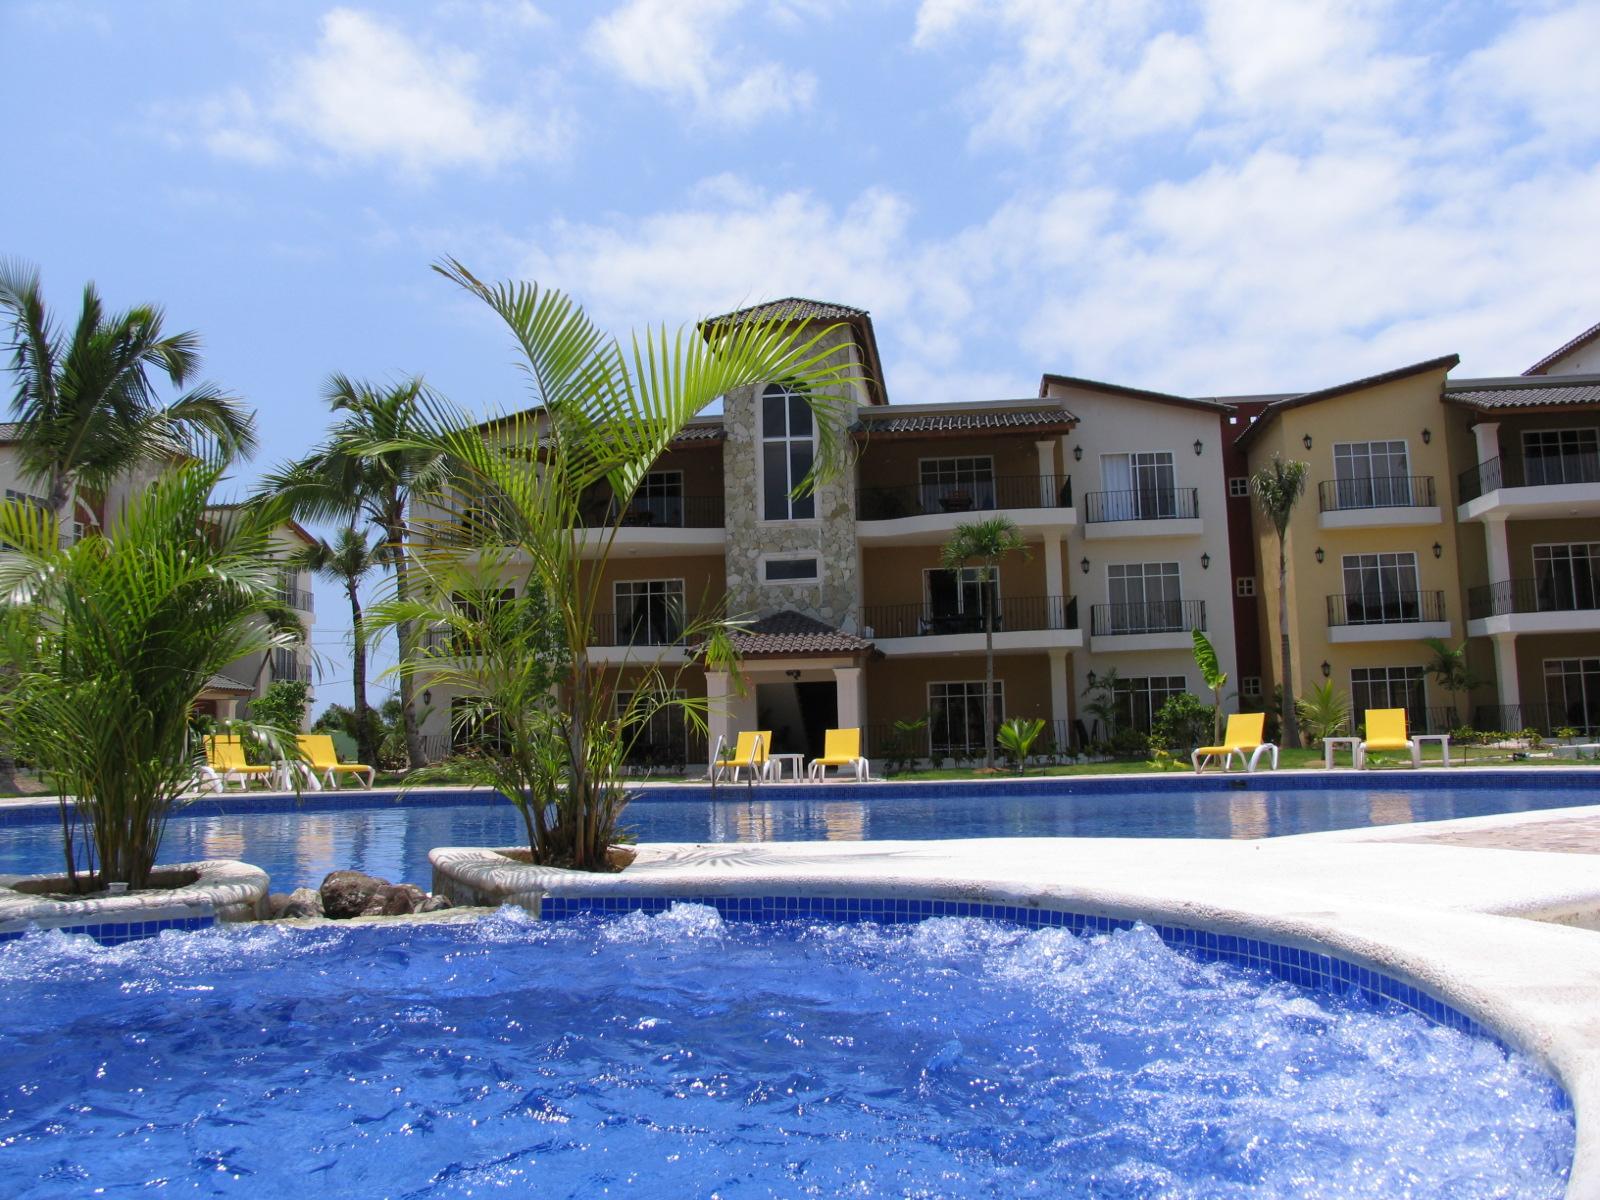 Piscina en el Caribe. Exclusive Nautilus residencial.